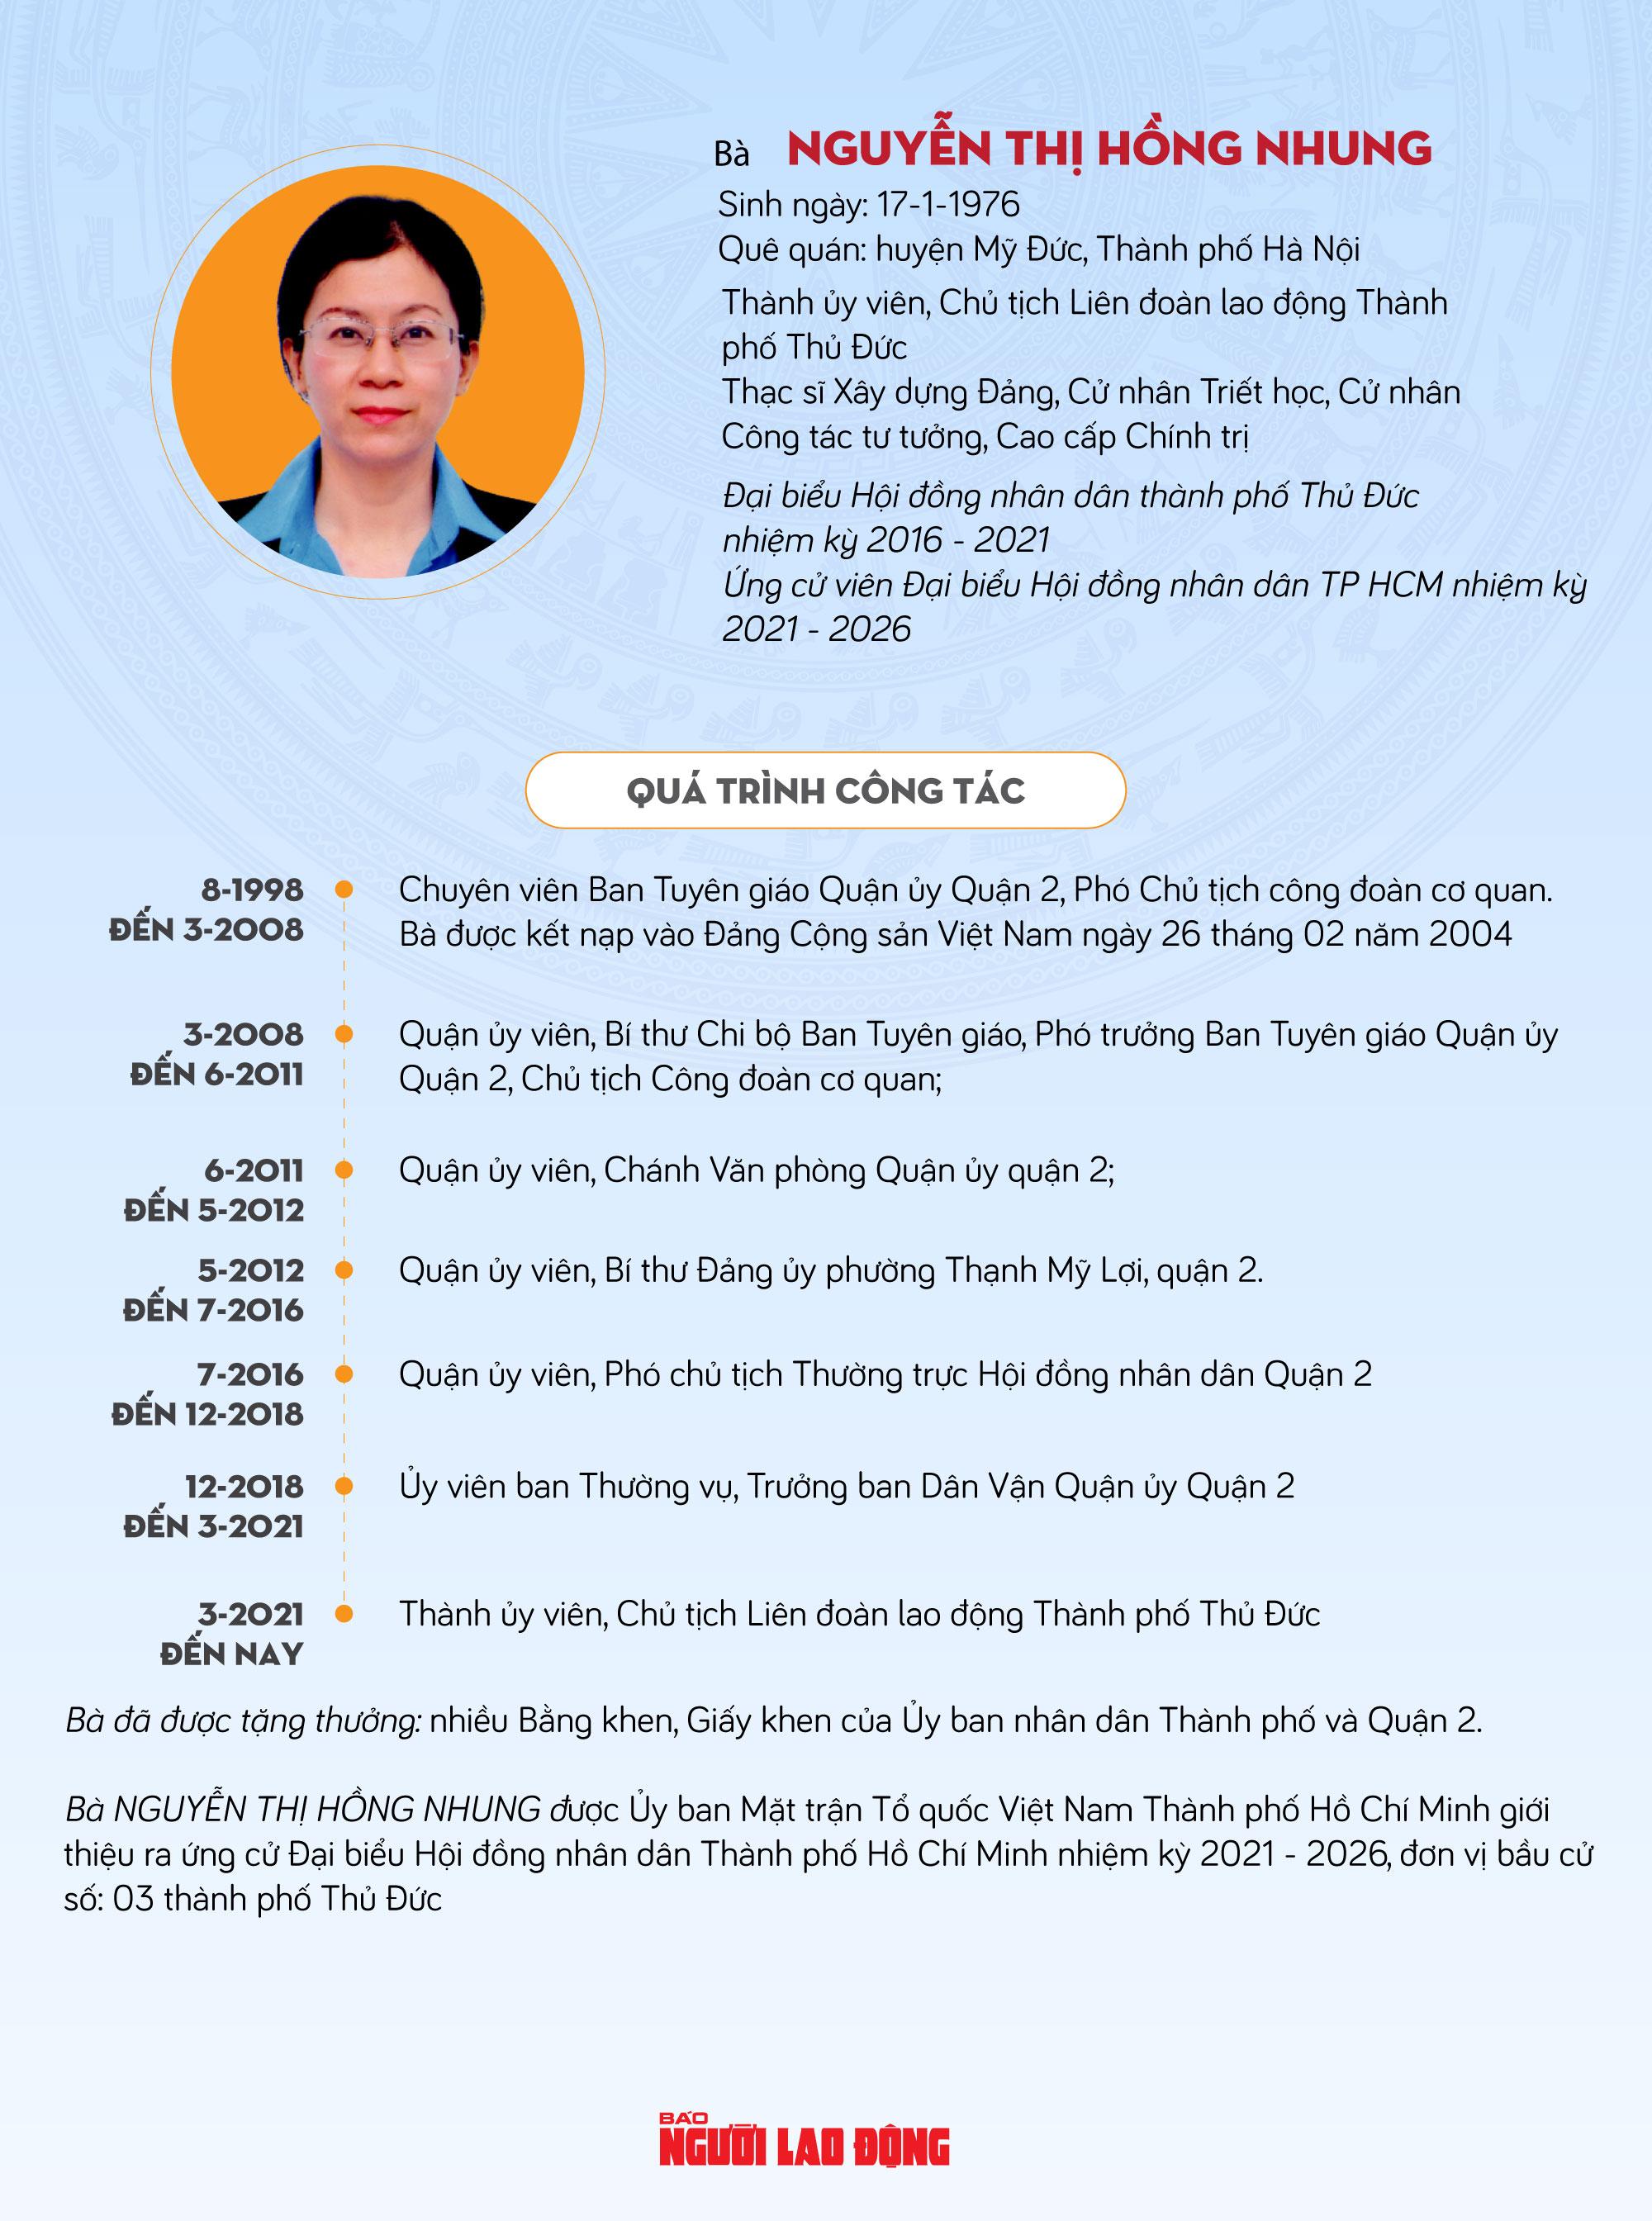 Bà Nguyễn Thị Hồng Nhung: Rất mong được sự góp ý, ủng hộ của cử tri - Ảnh 1.